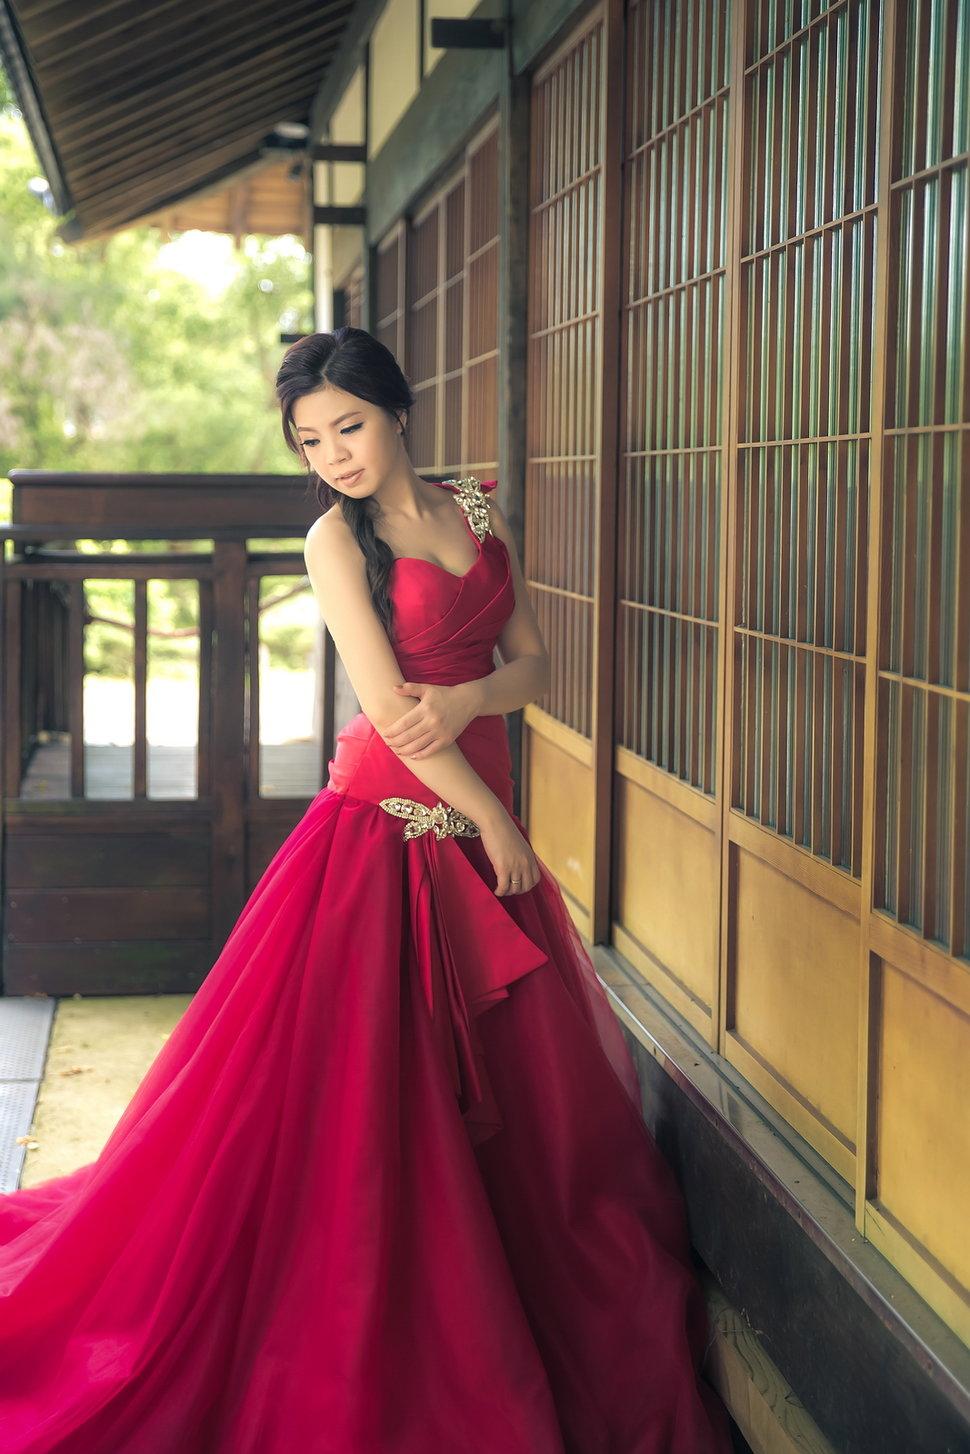 自助婚紗-淡水教堂-婚攝阿卜(編號:433905) - 阿卜的攝影工作室 - 結婚吧一站式婚禮服務平台